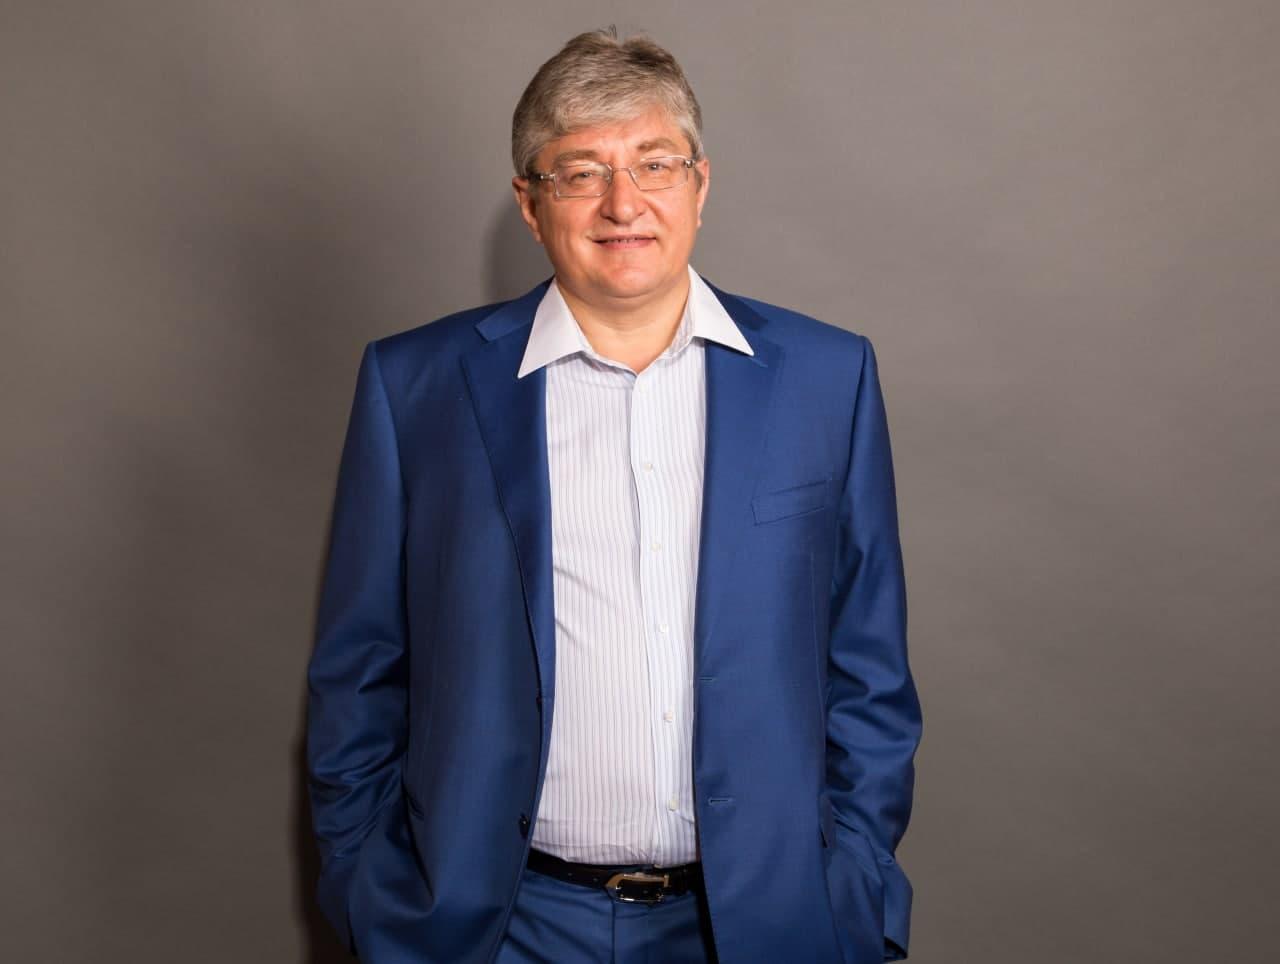 учредитель АО «Фирма «Август» Александр Усков